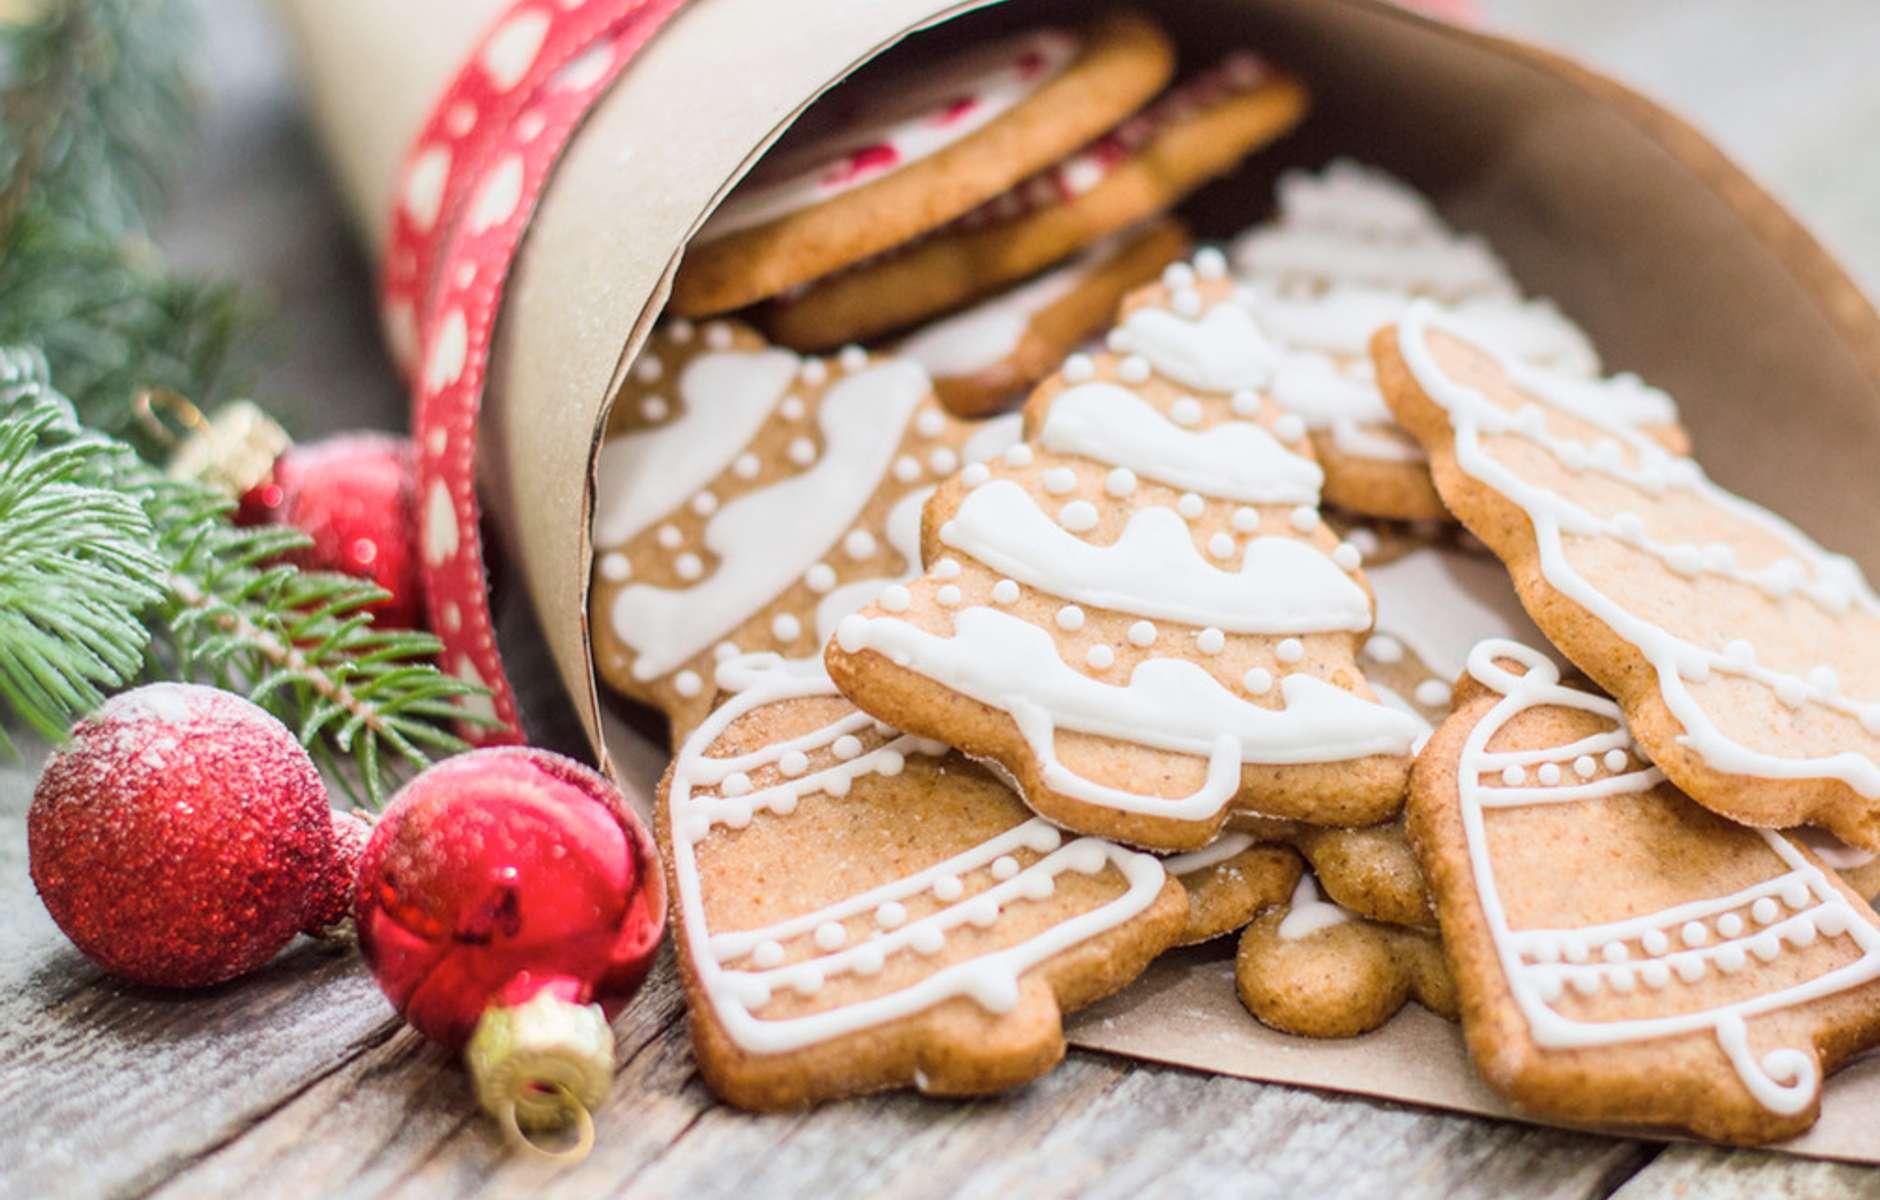 Фото рождественские сладости